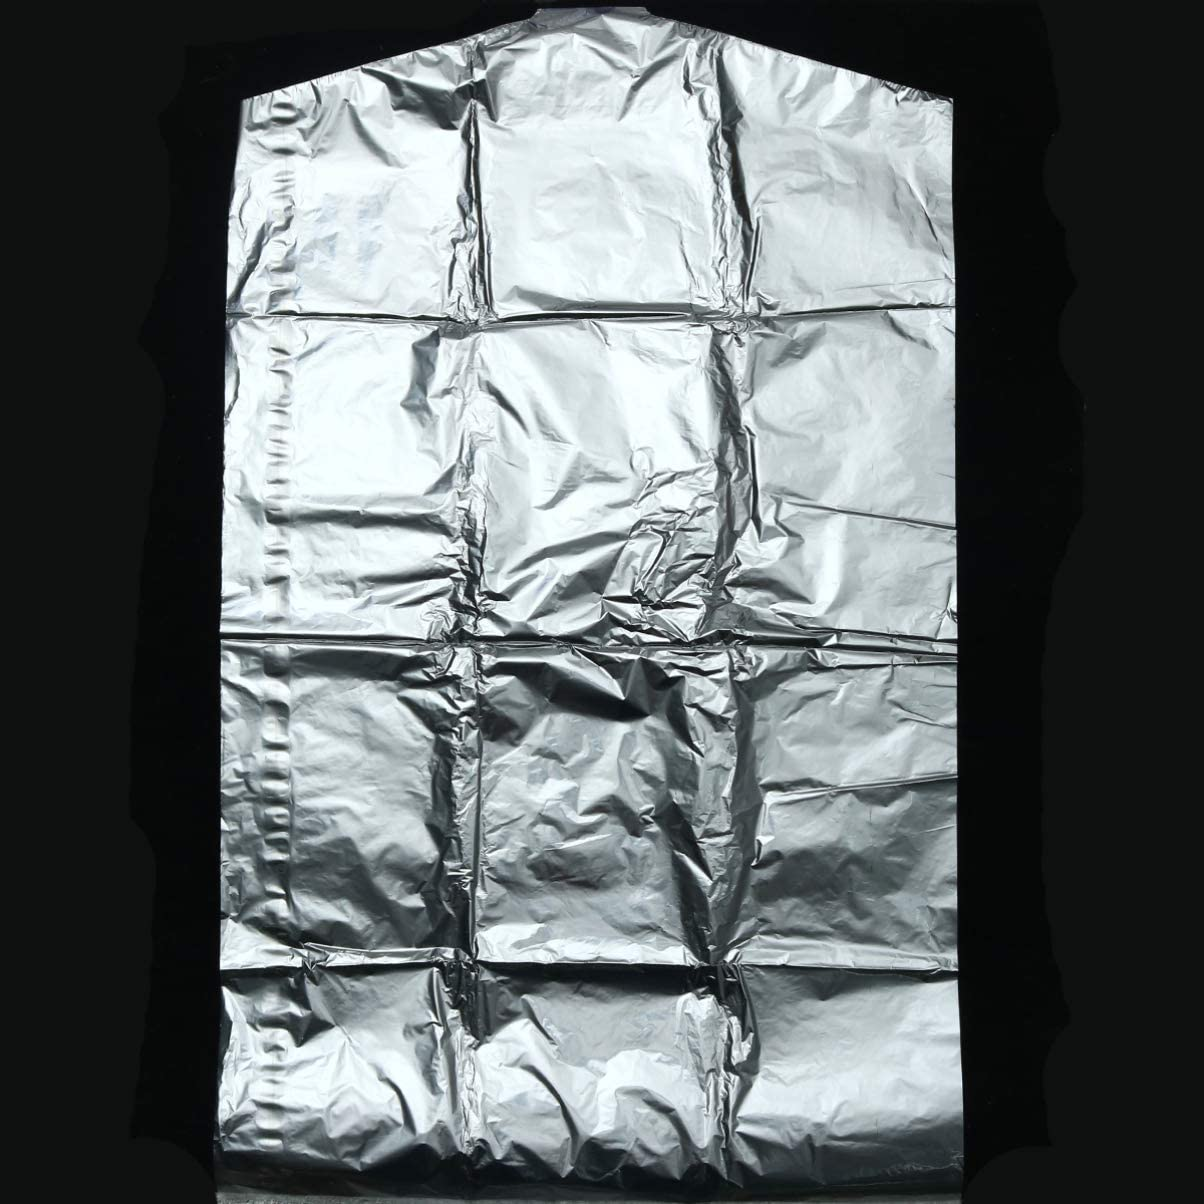 Hemoton 50 Piezas 60X90cm Bolsa de Ropa Ropa Transparente Cubierta Antipolvo Ropa Colgante Desechable Traje Vestido Chaqueta Cubierta para Tintorer/ía Almacenamiento en El Hogar Armario de